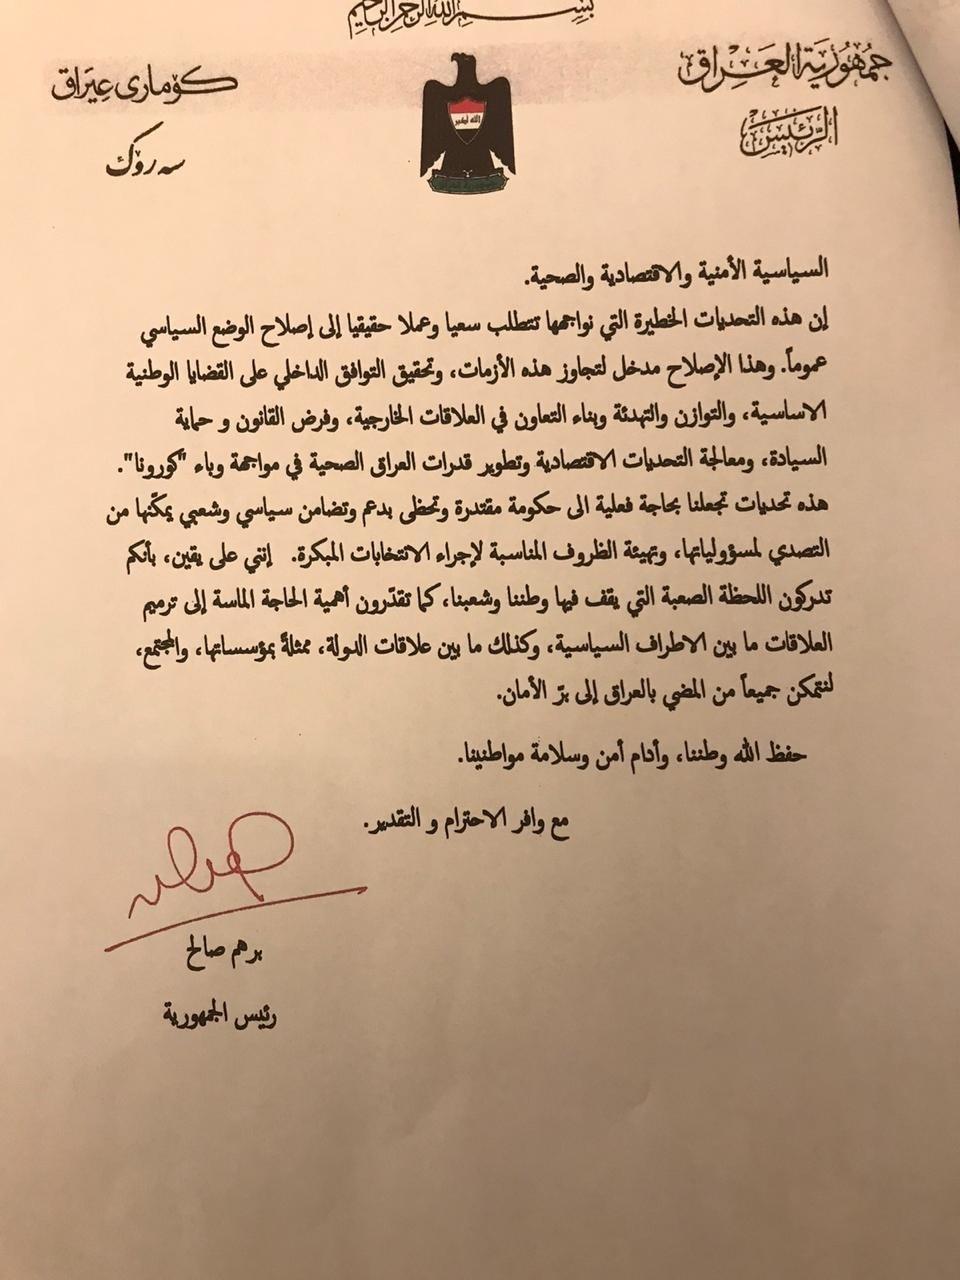 الرئيس العراقي يكلف عدنان الزرفي بتأليف الحكومة والقوى السياسية تعلق